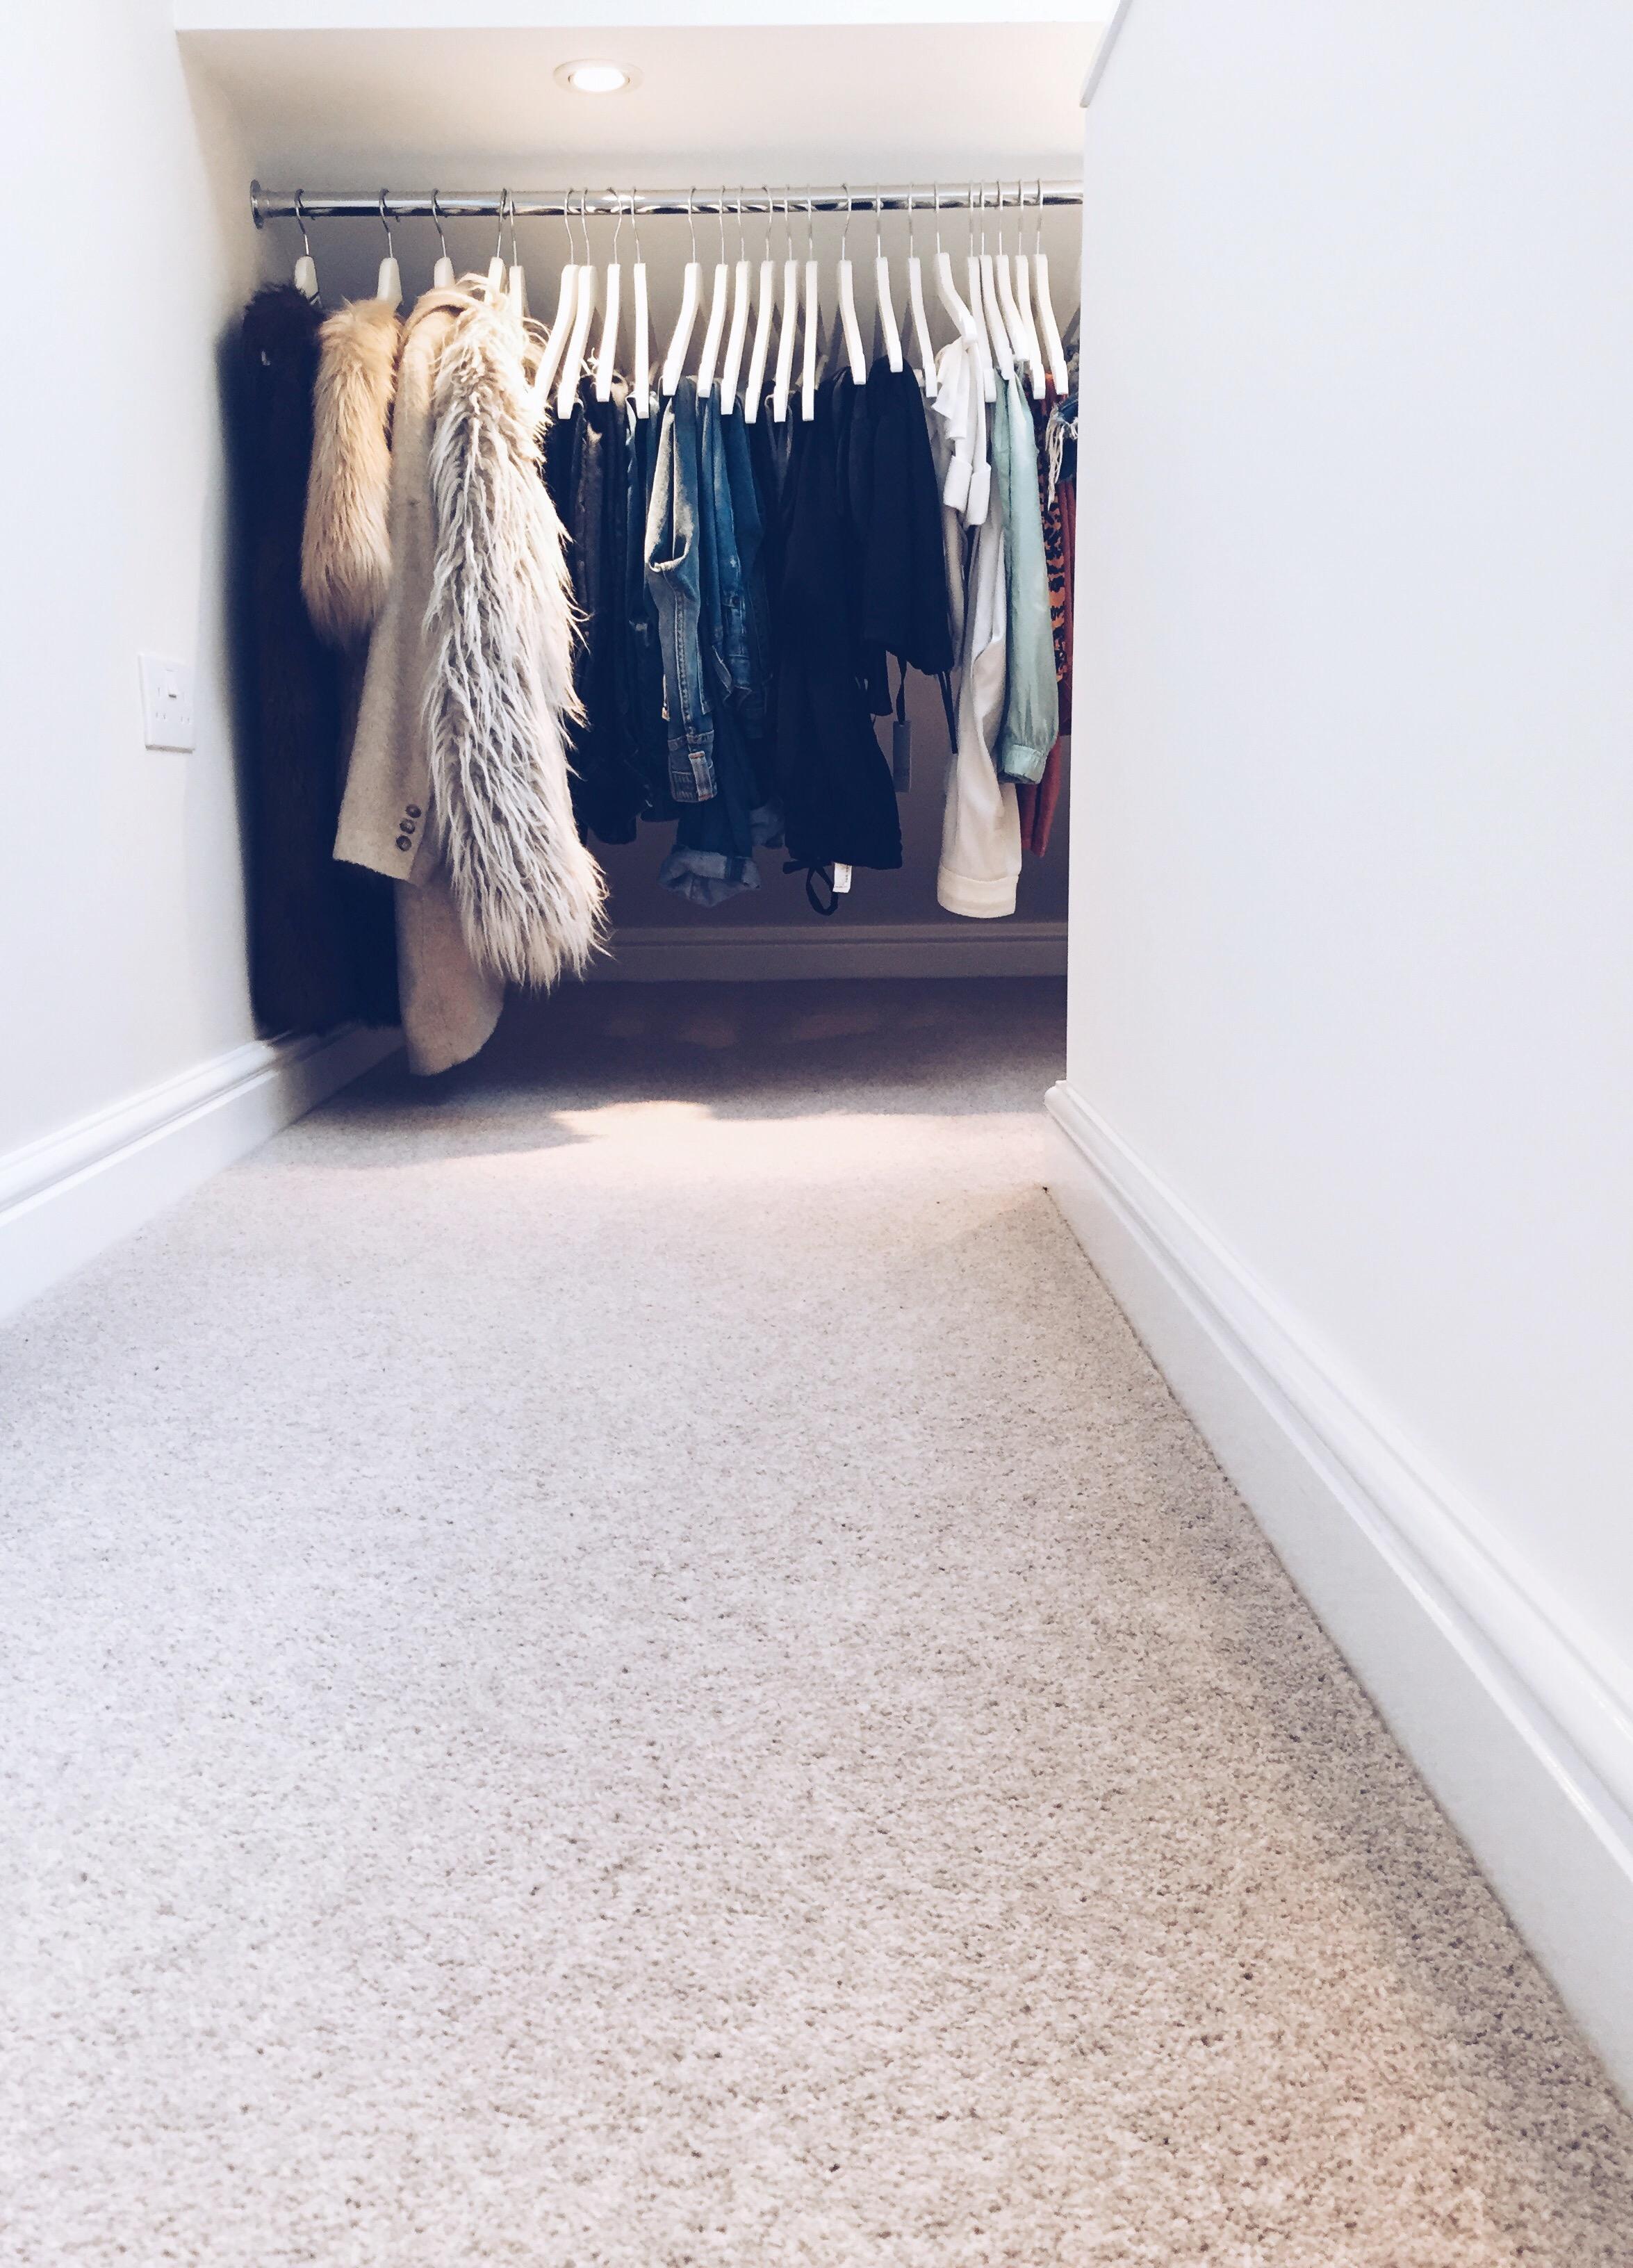 ikea white wooden hangers